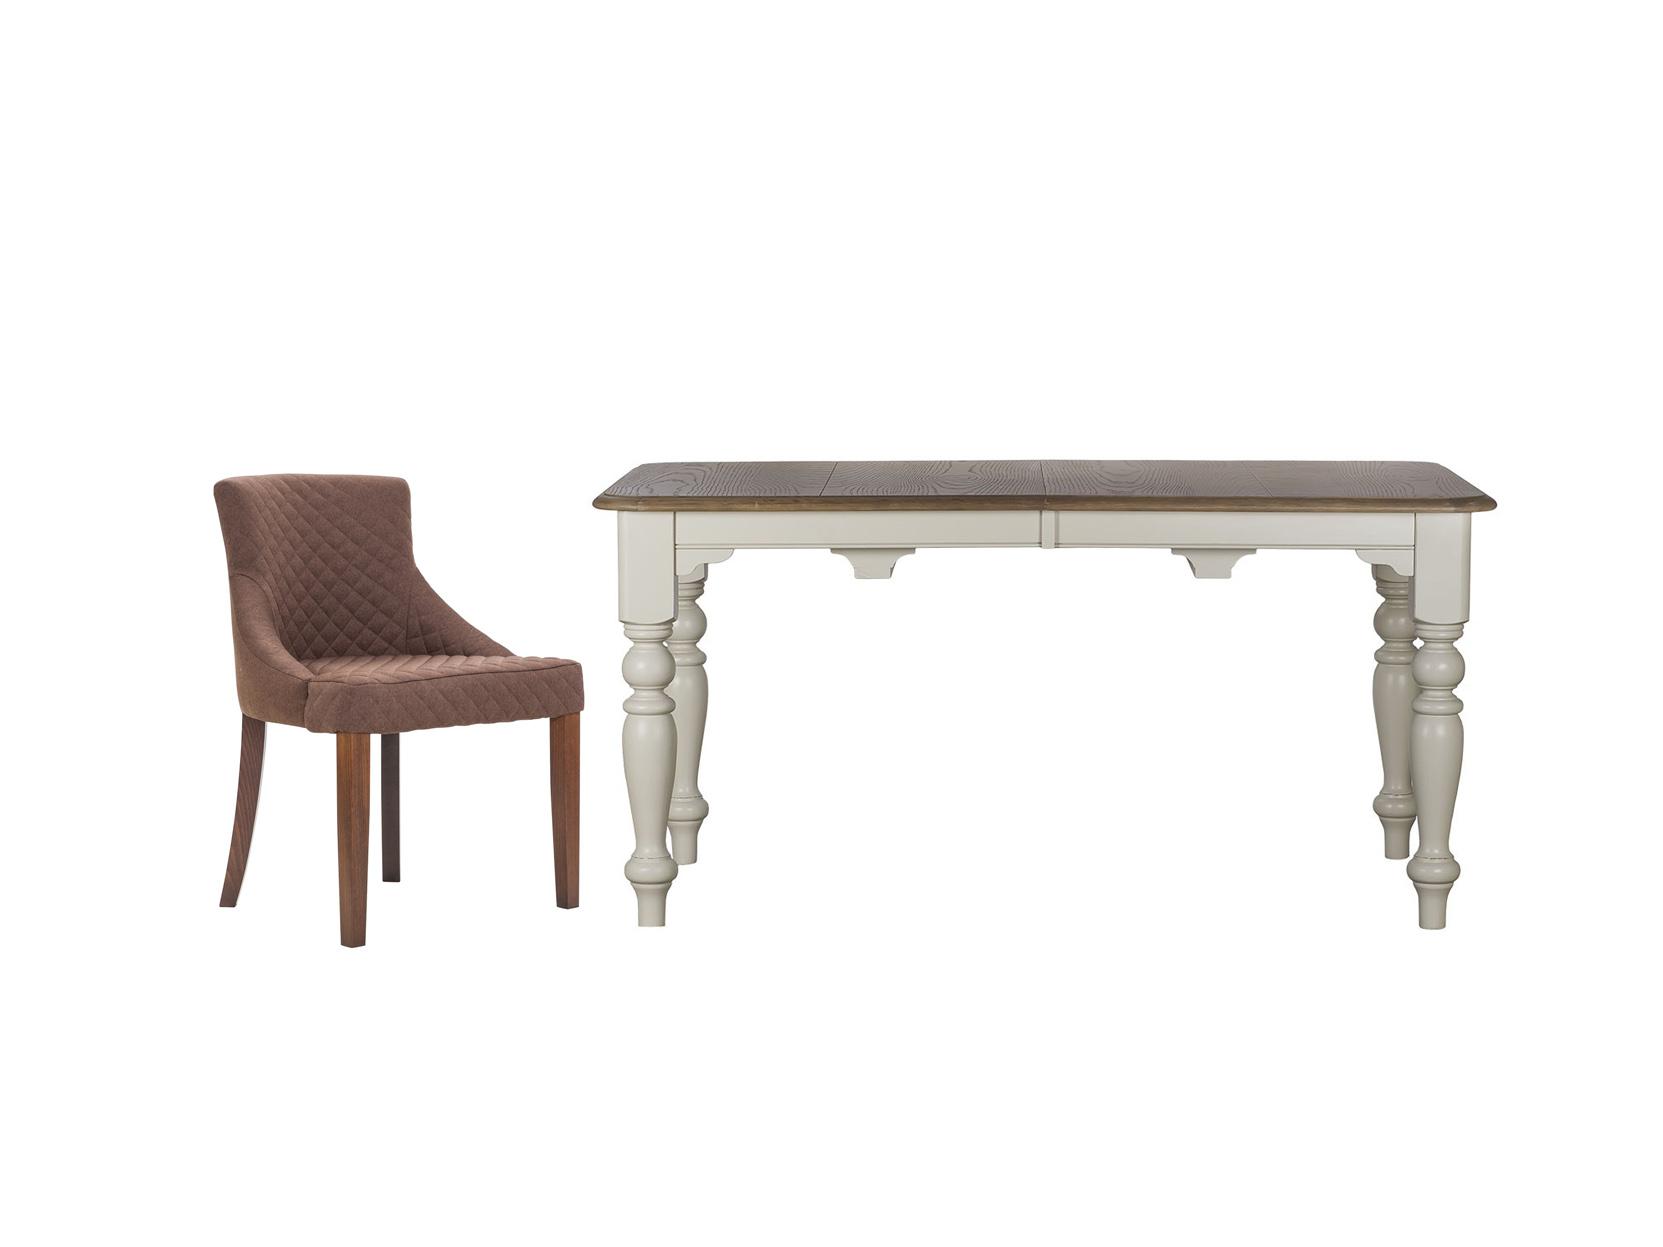 Обеденная группа Paramont (стол + 6 стульев)Комплекты для столовой<br>&amp;lt;div style=&amp;quot;font-size: 14px;&amp;quot;&amp;gt;&amp;lt;div style=&amp;quot;font-size: 14px;&amp;quot;&amp;gt;Каркас из благородного ореха в паре со стильной стежкой выделят это полукресло в любом интерьере совместно со столом из дуба и тополя.&amp;lt;/div&amp;gt;&amp;lt;div style=&amp;quot;font-size: 14px;&amp;quot;&amp;gt;&amp;lt;br&amp;gt;&amp;lt;/div&amp;gt;&amp;lt;div style=&amp;quot;font-size: 14px;&amp;quot;&amp;gt;&amp;lt;span style=&amp;quot;font-size: 14px;&amp;quot;&amp;gt;Размеры стола : 160/78/90 см.&amp;lt;/span&amp;gt;&amp;lt;br&amp;gt;&amp;lt;/div&amp;gt;&amp;lt;div style=&amp;quot;font-size: 14px;&amp;quot;&amp;gt;&amp;lt;span style=&amp;quot;font-size: 14px;&amp;quot;&amp;gt;Материалы стола: столешница - МДФ и дубовый шпон, ножки - массив тополя.&amp;lt;/span&amp;gt;&amp;lt;br&amp;gt;&amp;lt;/div&amp;gt;&amp;lt;div style=&amp;quot;font-size: 14px;&amp;quot;&amp;gt;&amp;lt;span style=&amp;quot;font-size: 14px;&amp;quot;&amp;gt;Размеры стула: 58/79/58 см.&amp;lt;/span&amp;gt;&amp;lt;br&amp;gt;&amp;lt;/div&amp;gt;&amp;lt;div style=&amp;quot;font-size: 14px;&amp;quot;&amp;gt;Высота сиденья: 48 см.&amp;lt;/div&amp;gt;&amp;lt;/div&amp;gt;&amp;lt;div style=&amp;quot;font-size: 14px;&amp;quot;&amp;gt;&amp;lt;span style=&amp;quot;font-size: 14px;&amp;quot;&amp;gt;Материал стула: орех, текстиль.&amp;lt;/span&amp;gt;&amp;lt;/div&amp;gt;<br><br>Material: Дерево<br>Width см: 160<br>Depth см: 90<br>Height см: 78